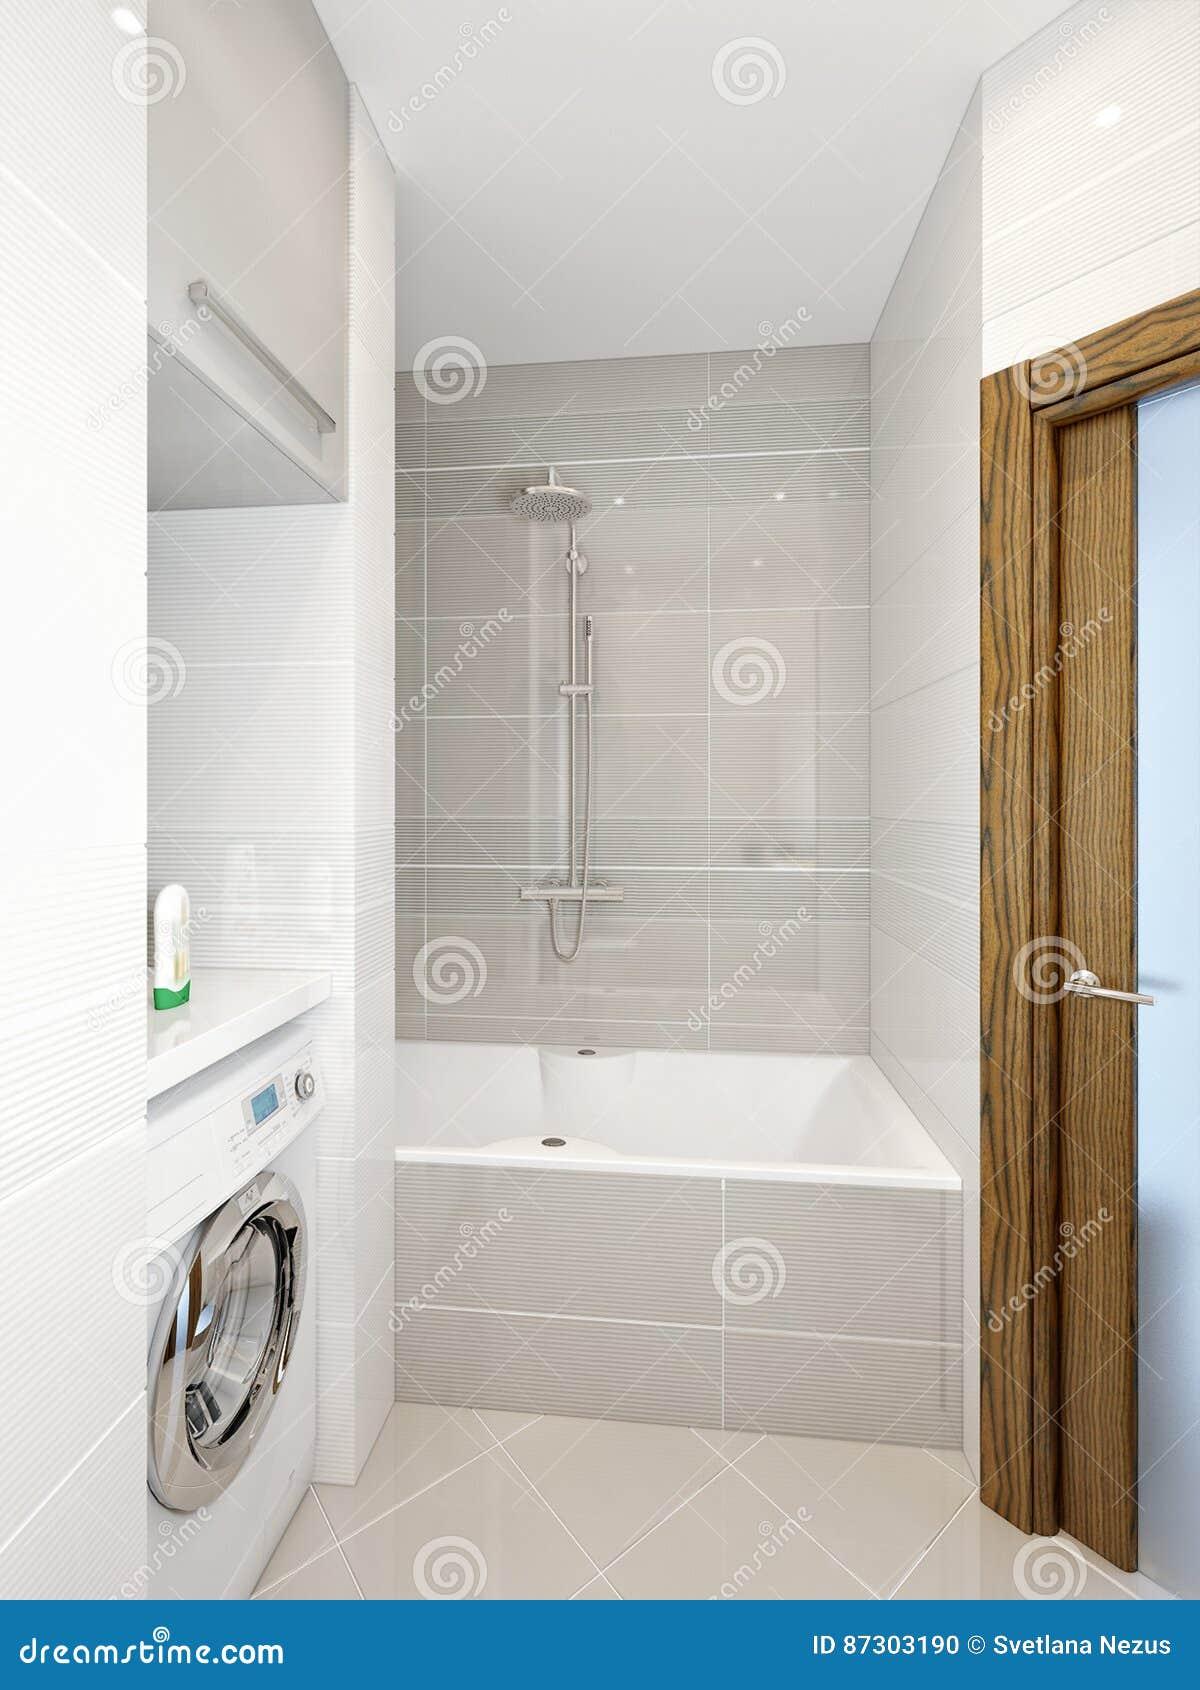 Download Moderner Badezimmerinnenraum Mit Den Weißen, Beige Und Grauen  Fliesen Stockfoto   Bild Von Fußboden